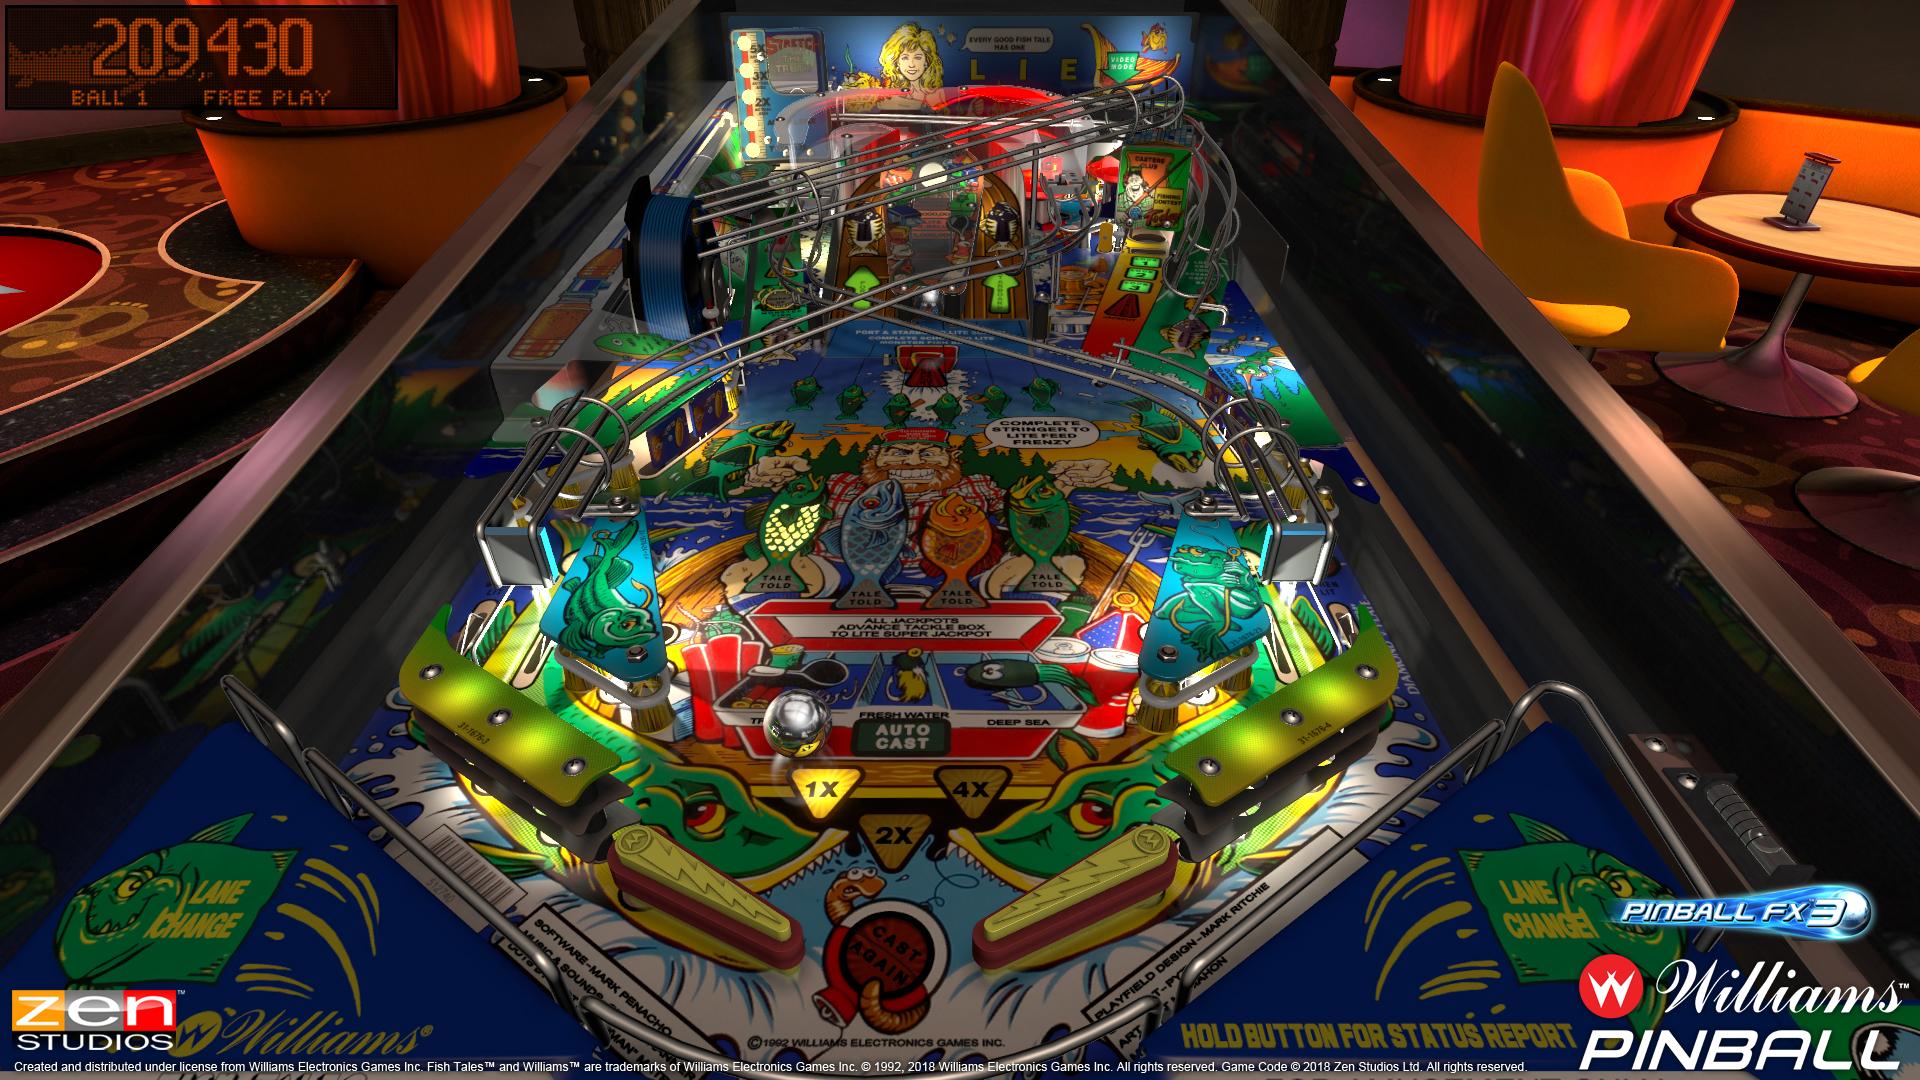 Bally/Williams pinball tables coming to Zen Studios' Pinball FX3